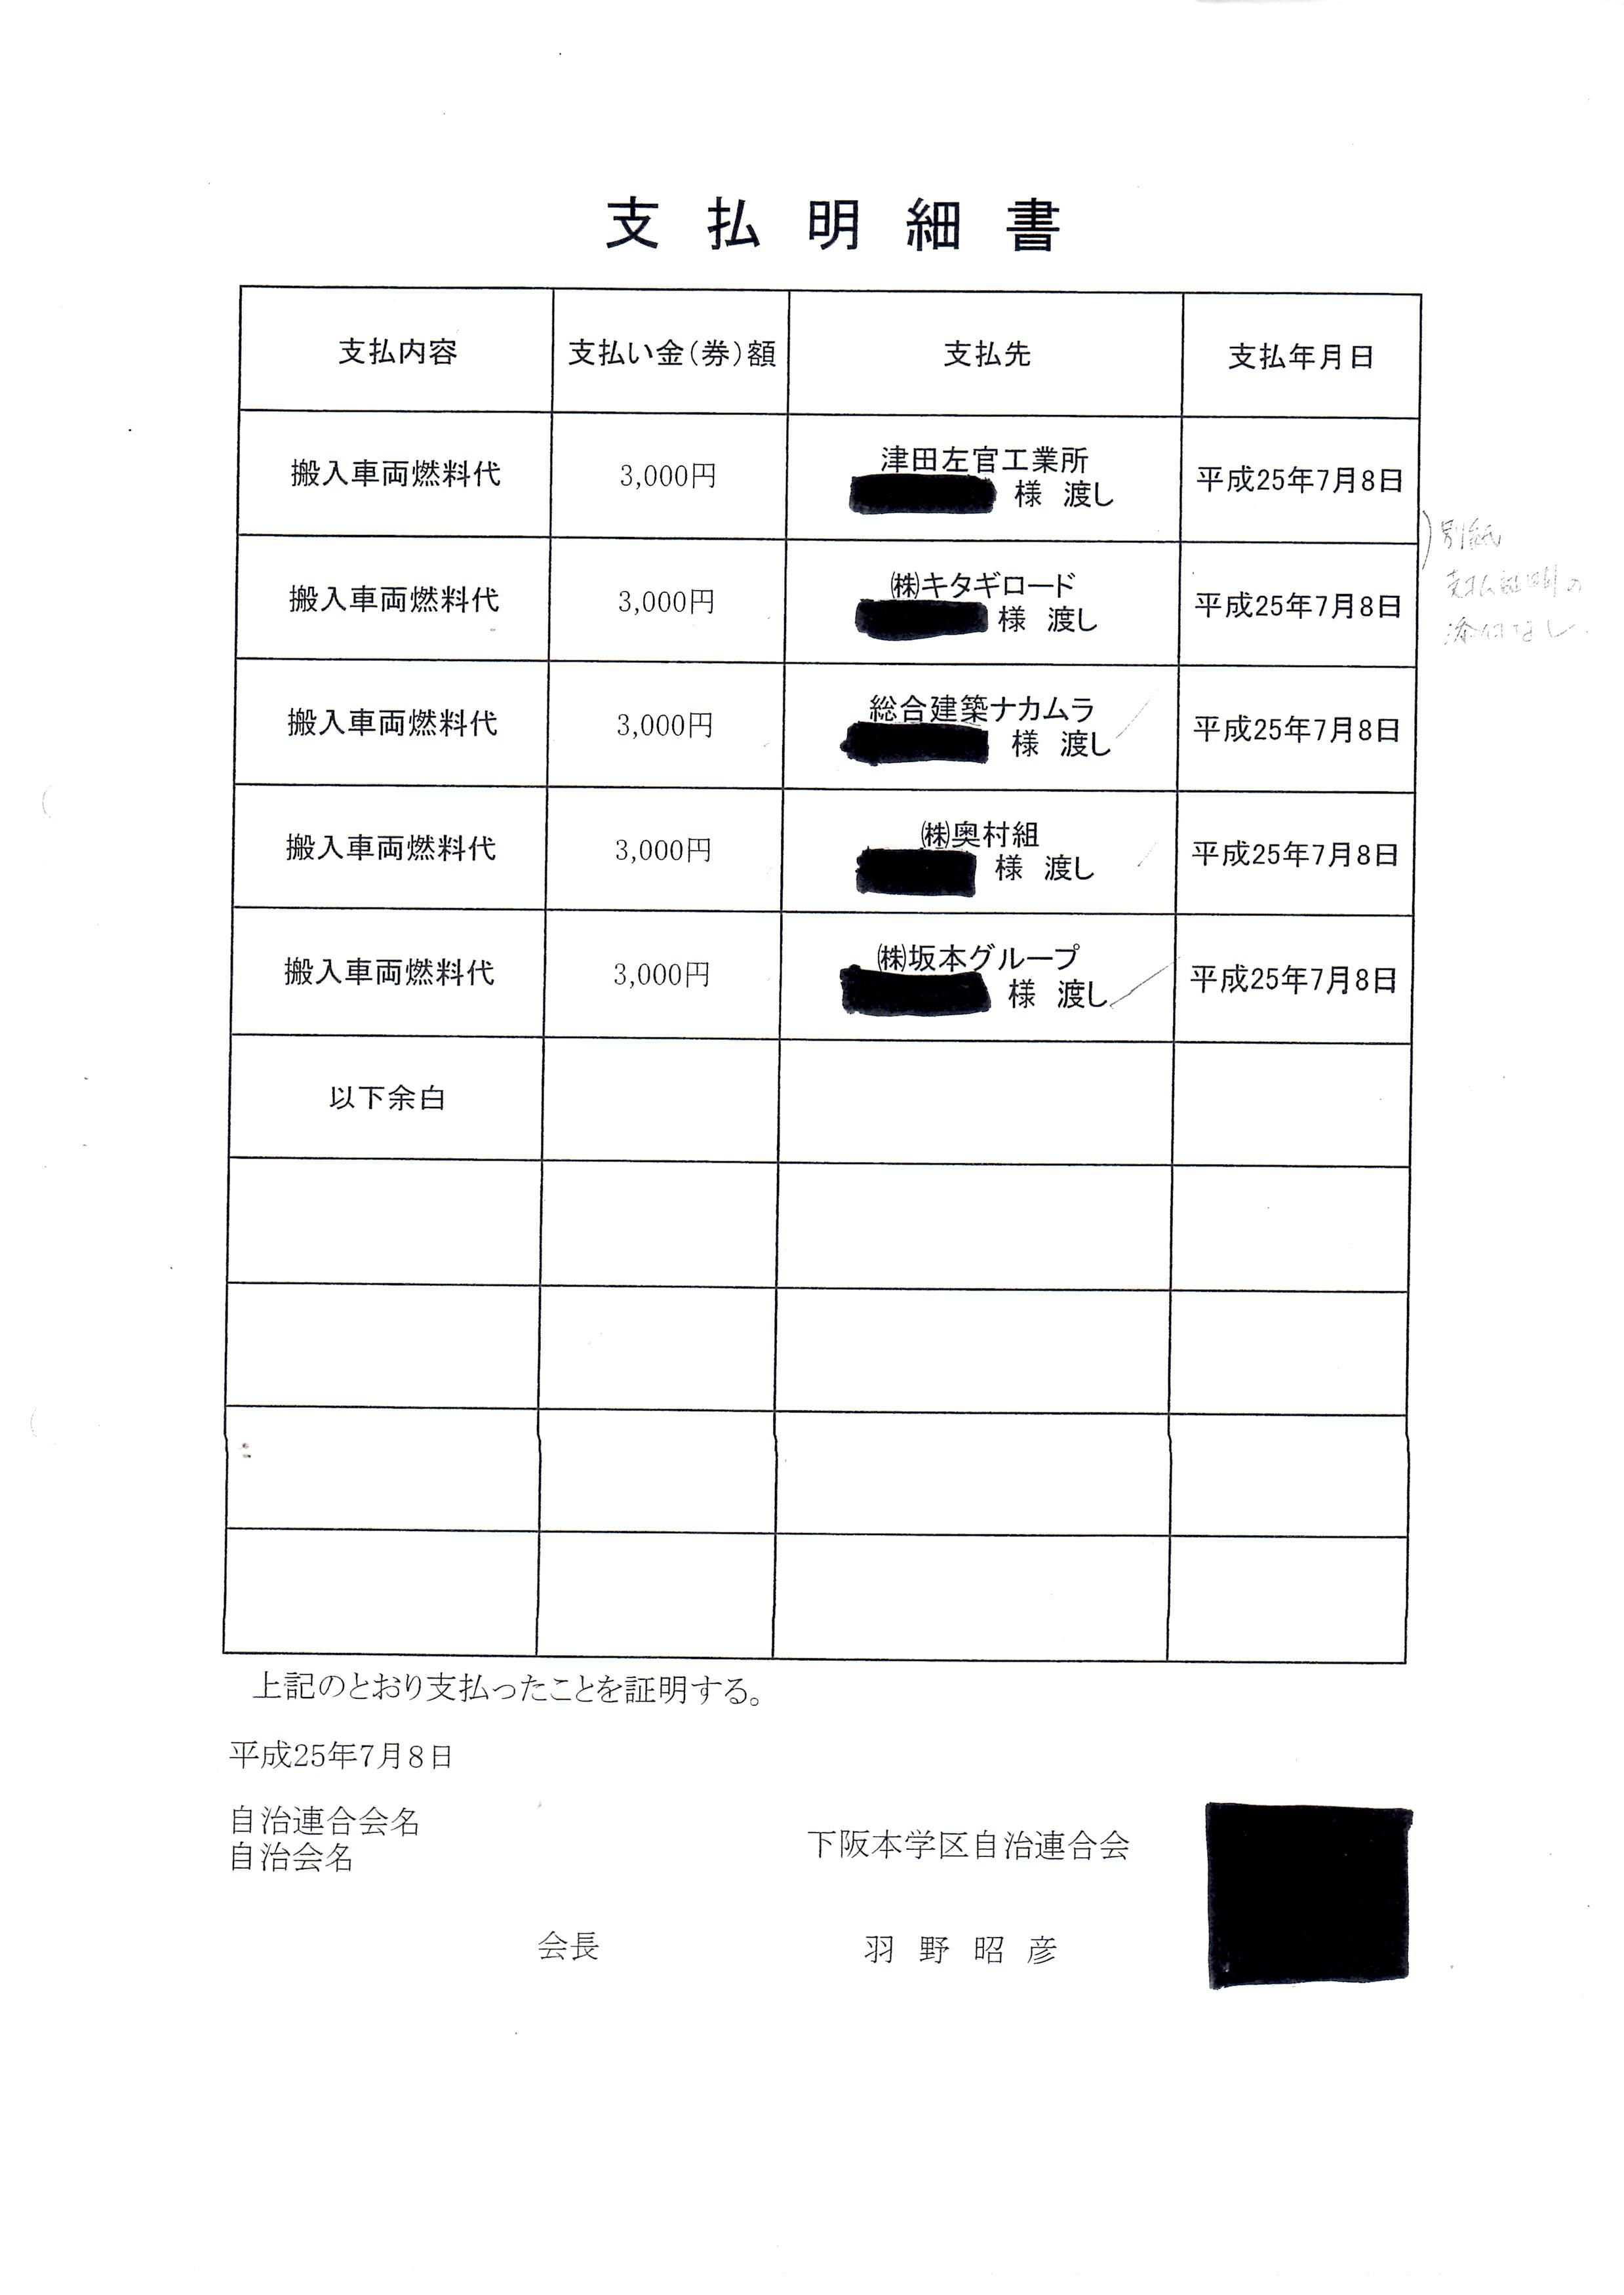 2013年下坂本学区/支払一覧2